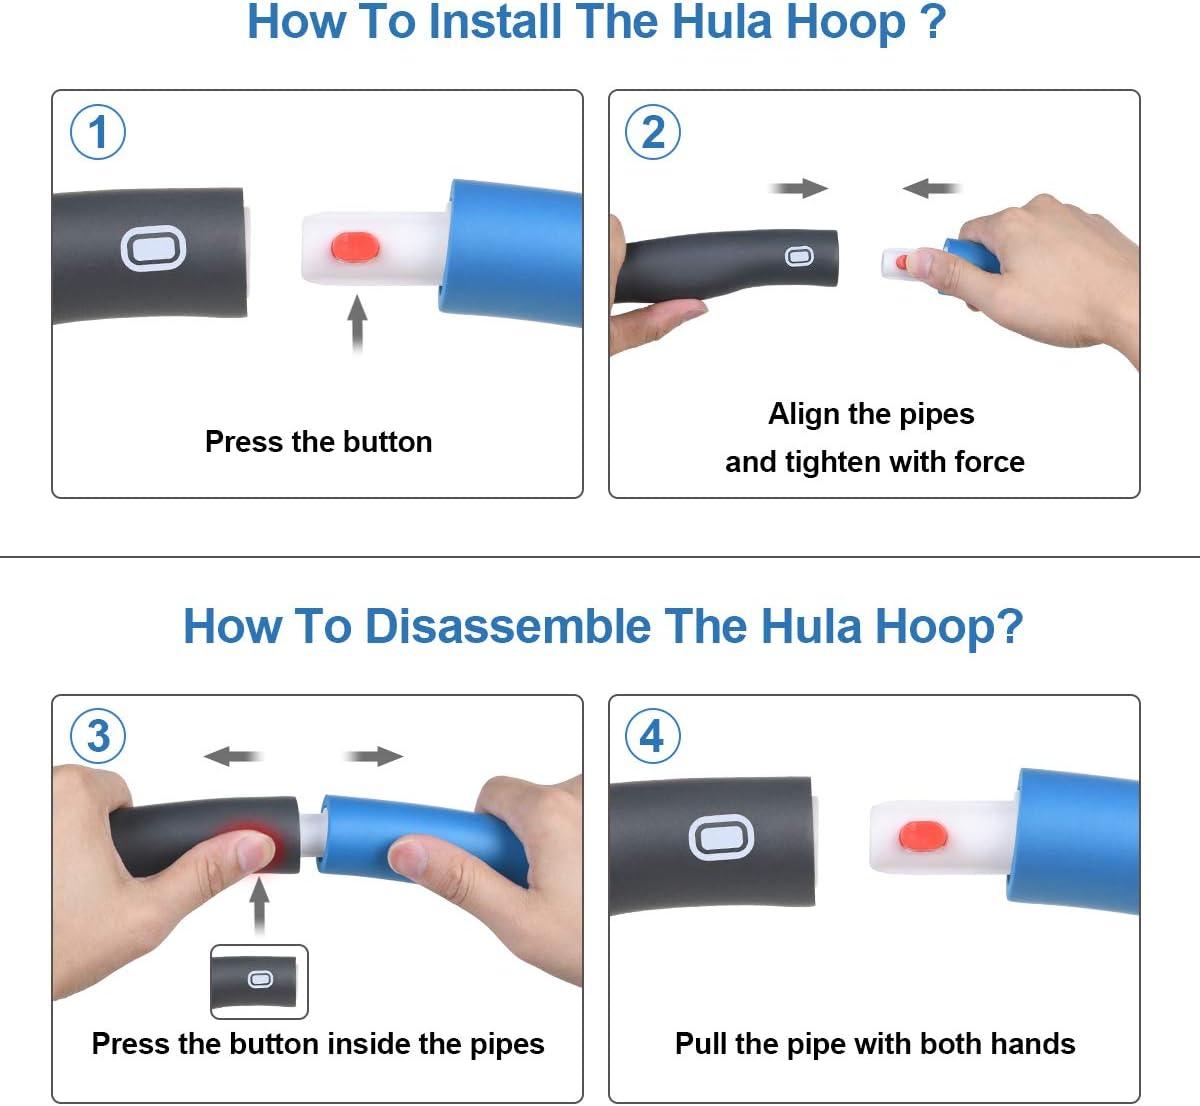 flintronic Hula Hoop Fitness, 8 Secciones Hula Hoop Desmontable con Espum, Ancho Ajustable (19-35in), Cinta Métrica Azul + Toalla Azul Incluida, Azul